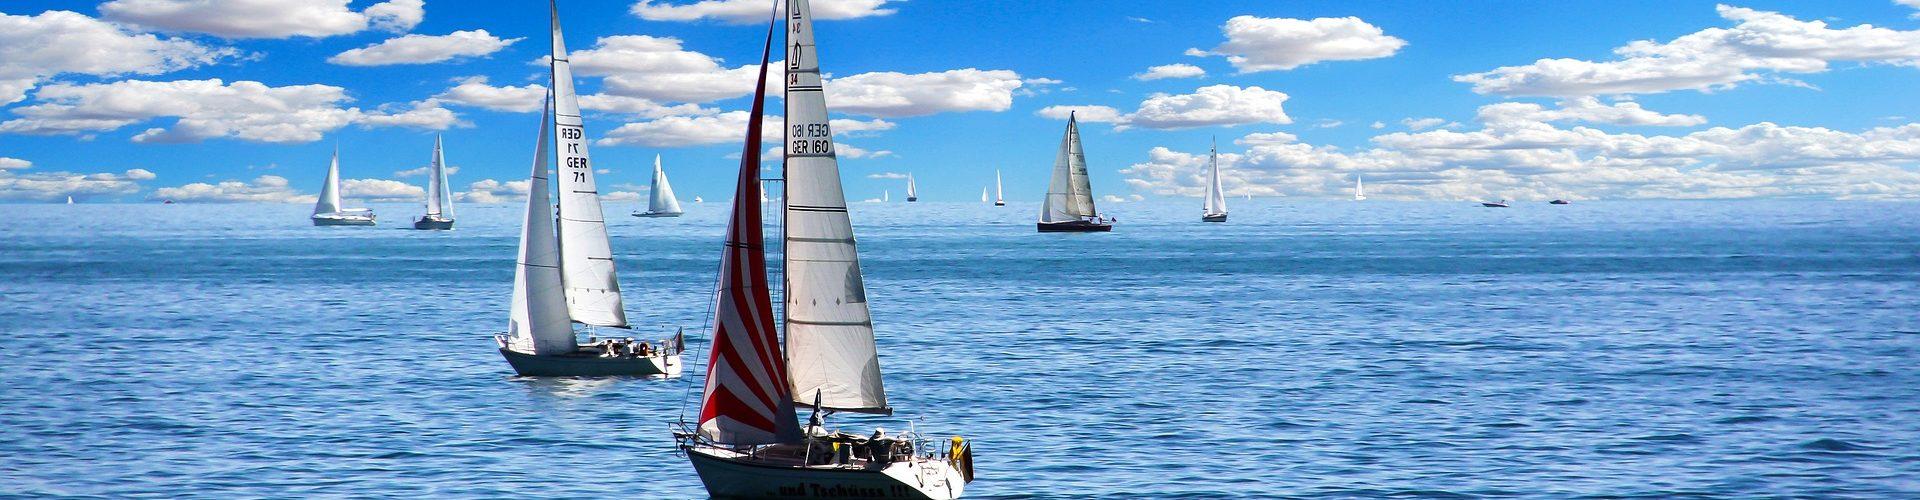 segeln lernen in Braunsbedra segelschein machen in Braunsbedra 1920x500 - Segeln lernen in Braunsbedra